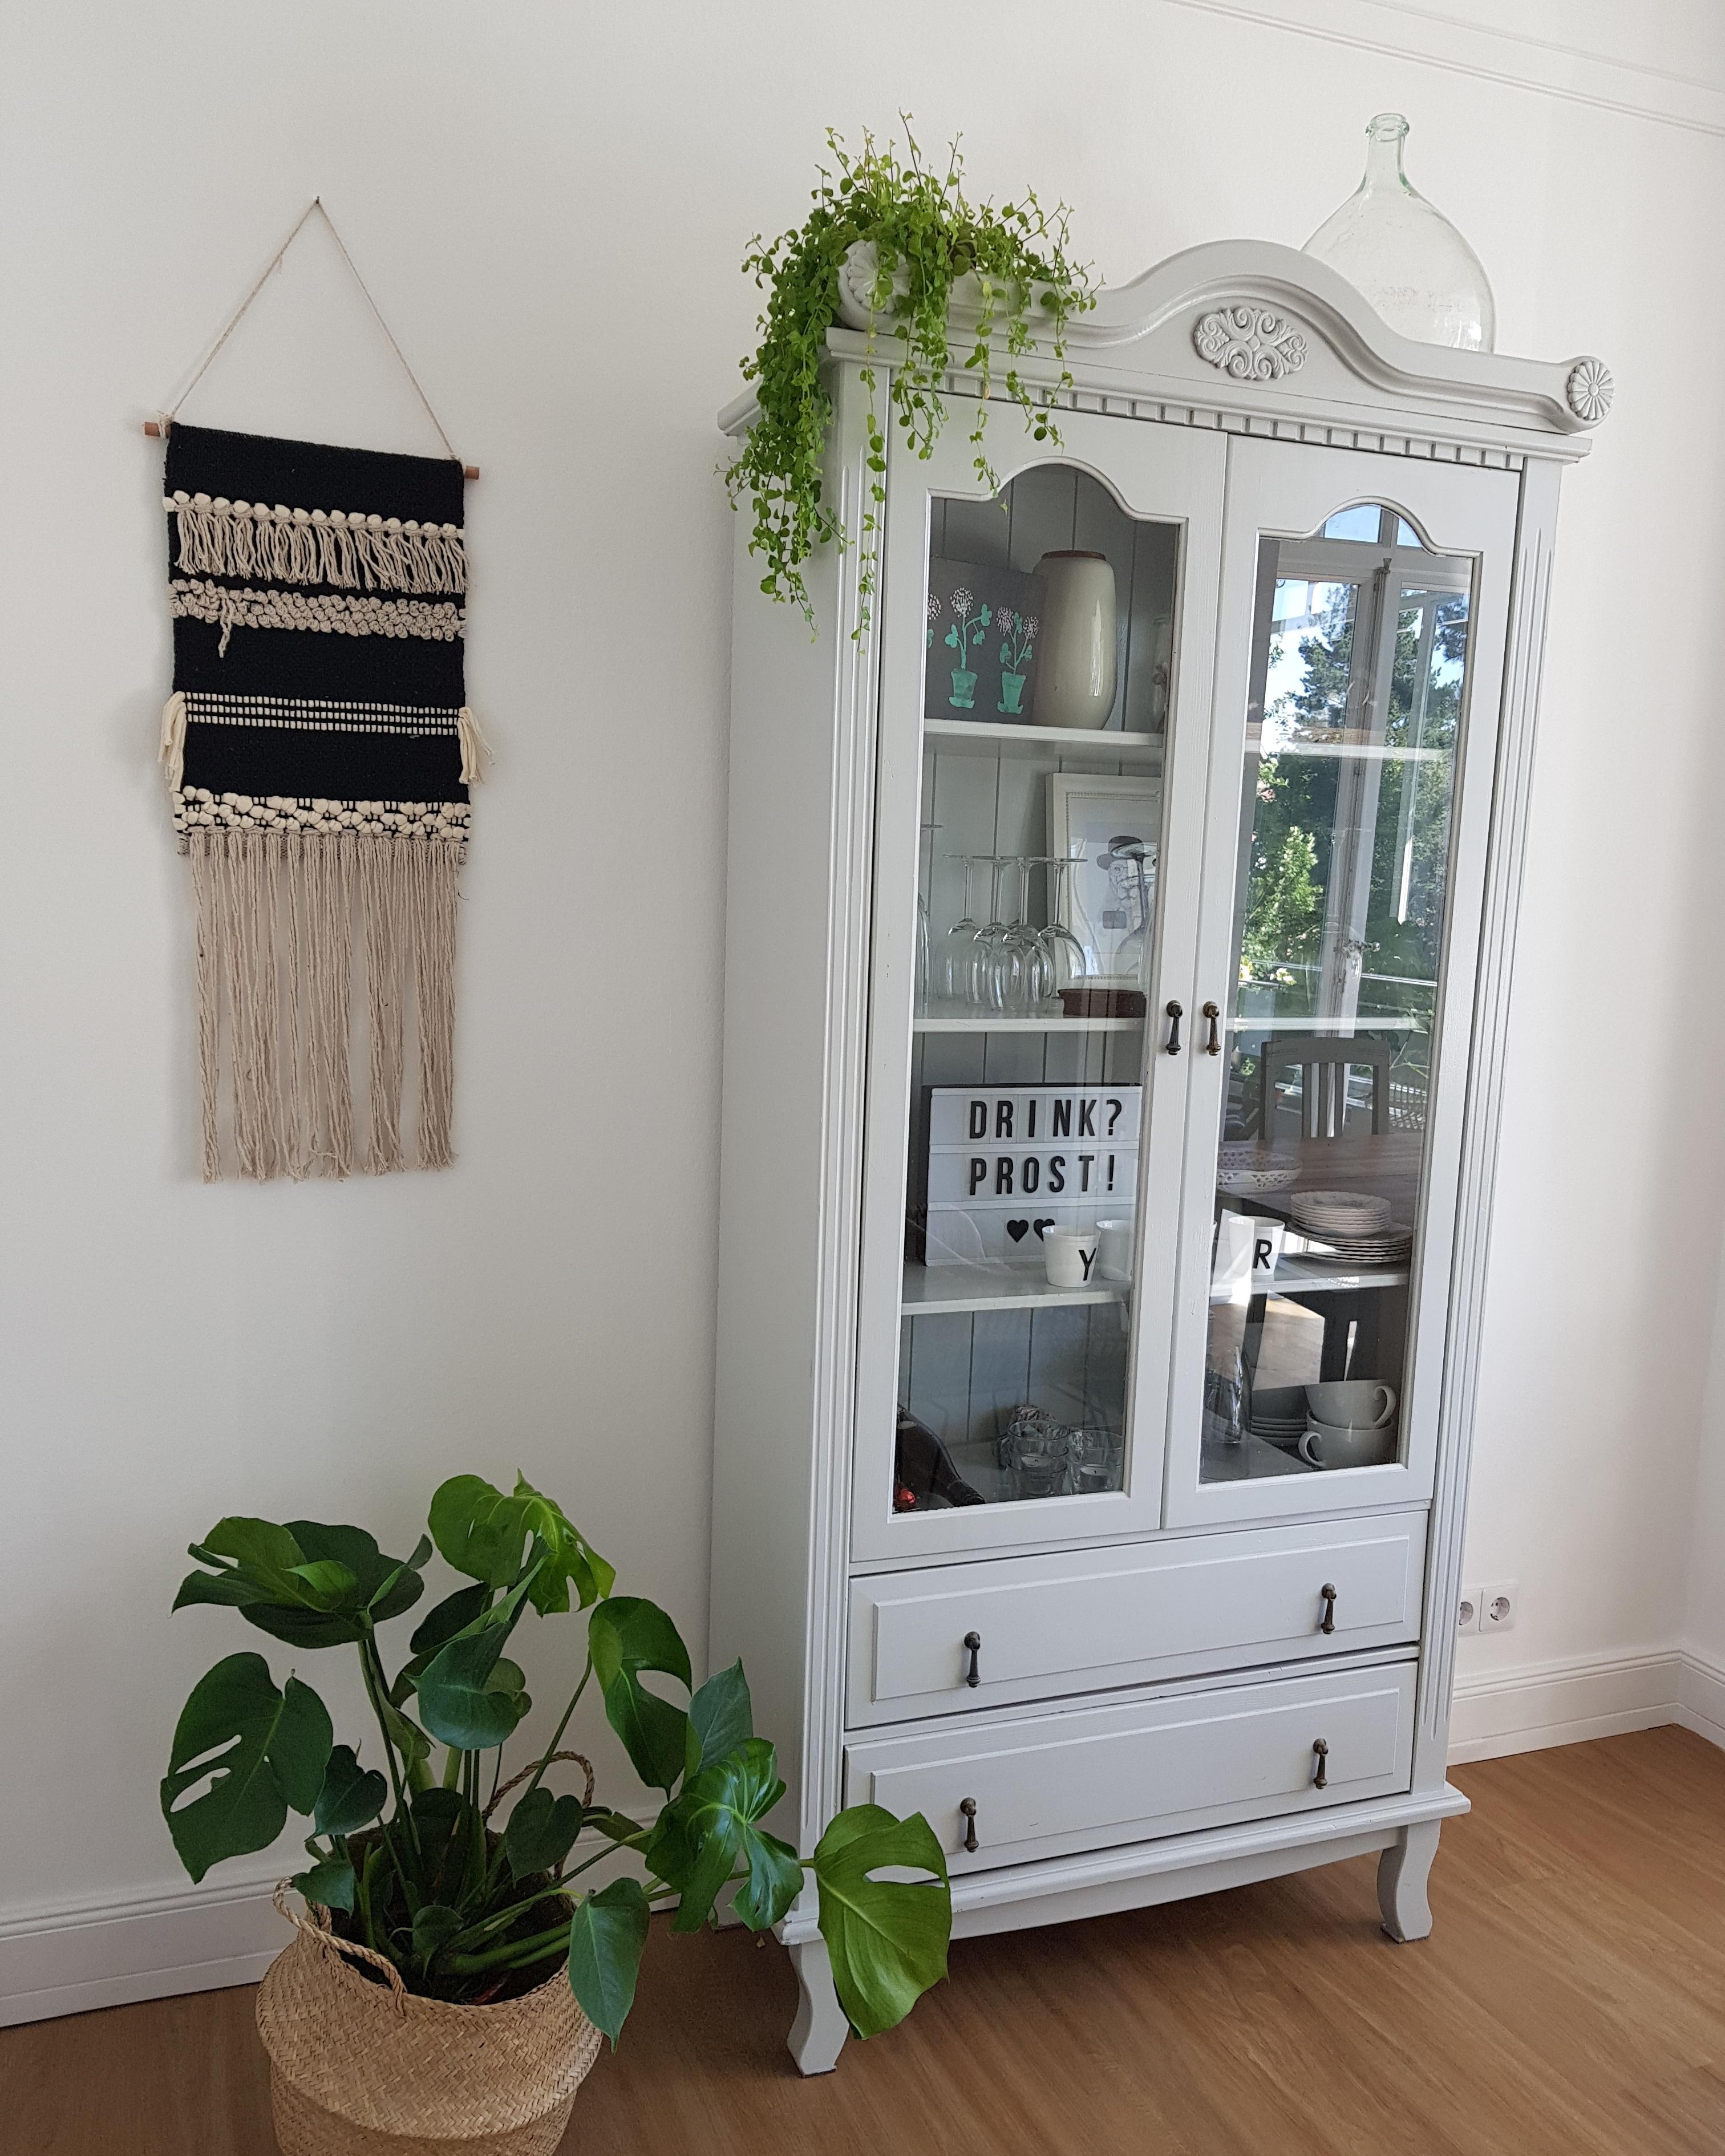 Mein Wohnzimmer Ikea Ektorp Kupfer Taupe: Wandteppich • Bilder & Ideen • COUCH